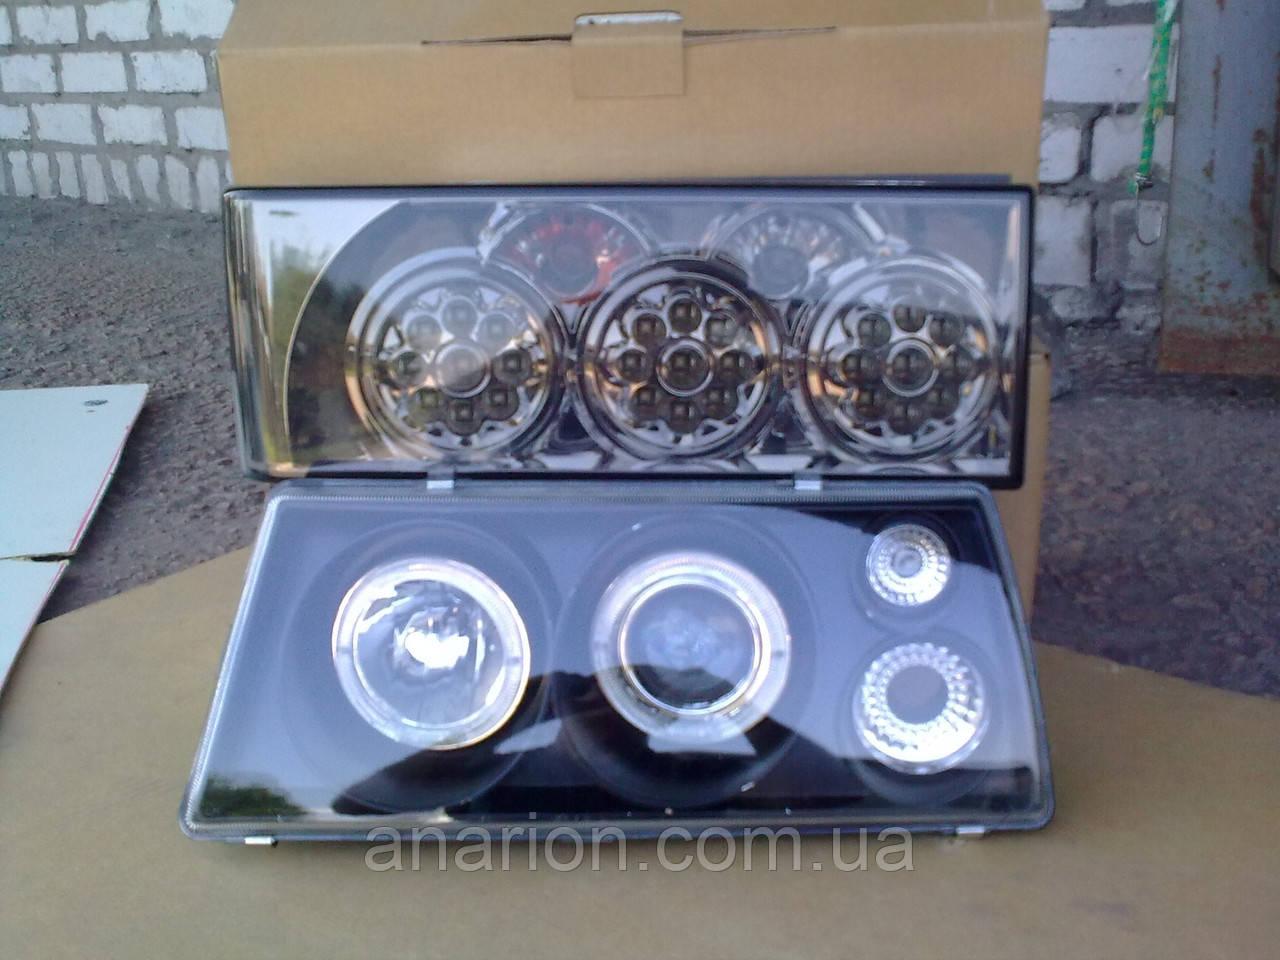 Передние черные+задние диодные фары Терминатор на ВАЗ 2109 №22